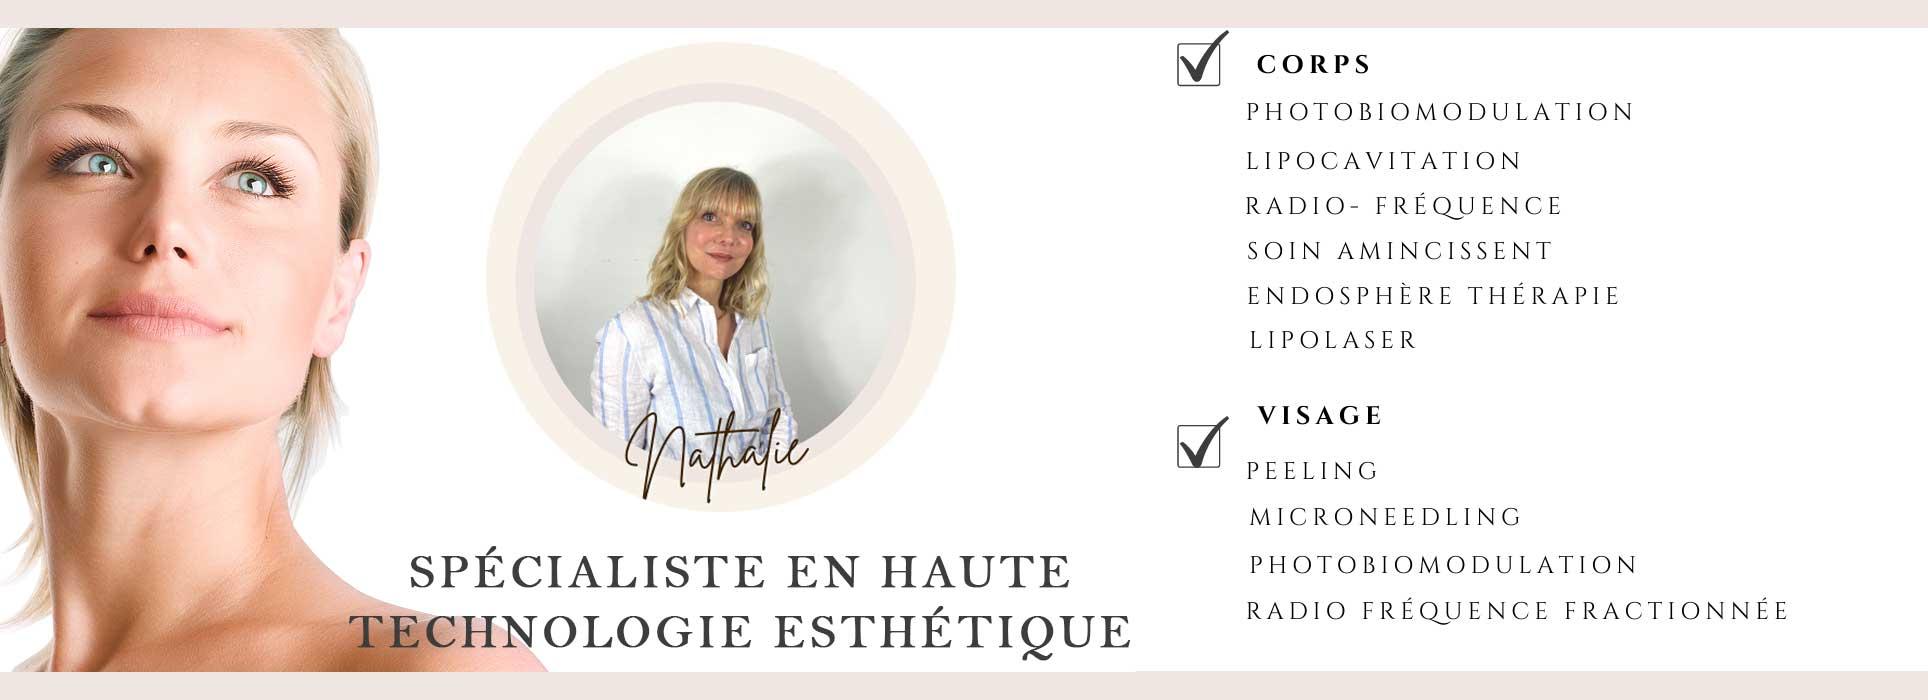 espace-antii-age-anti-cellulite-skin-efficience-paris-baibae